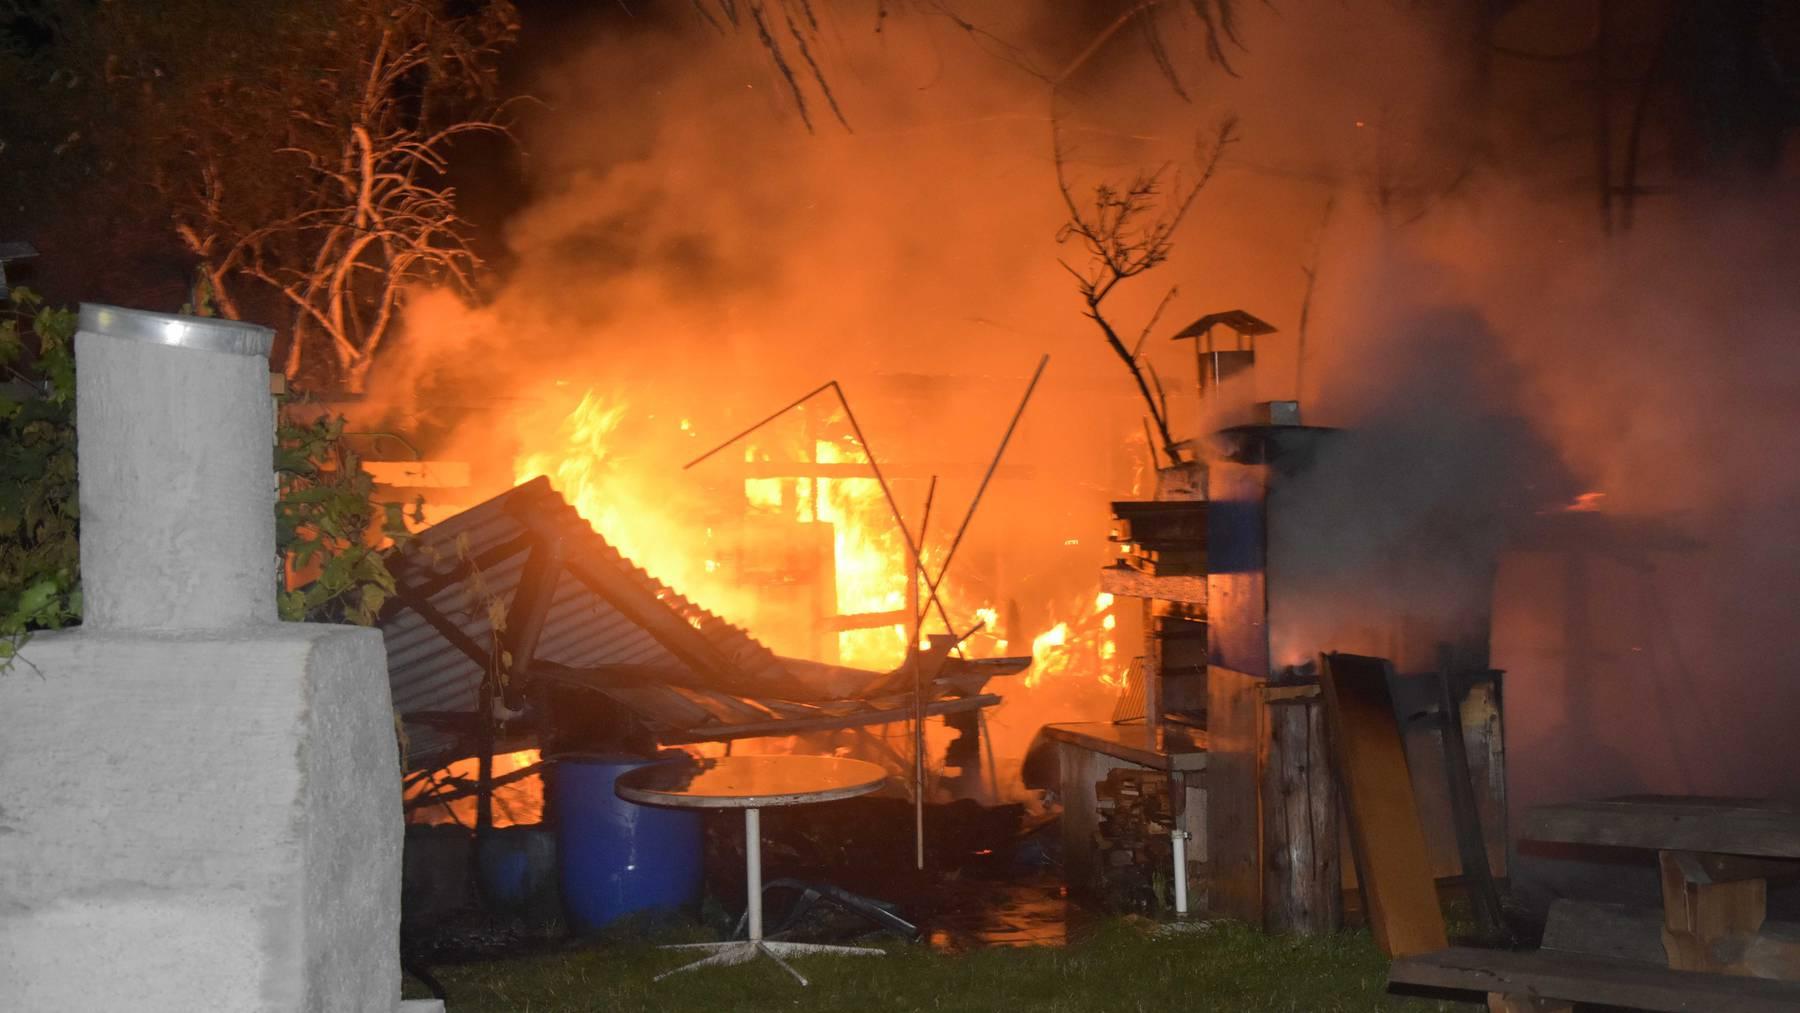 Zwei Gartenhäuschen brannten nieder, weil ein Senior eine Pfanne auf dem Gasherd vergass.